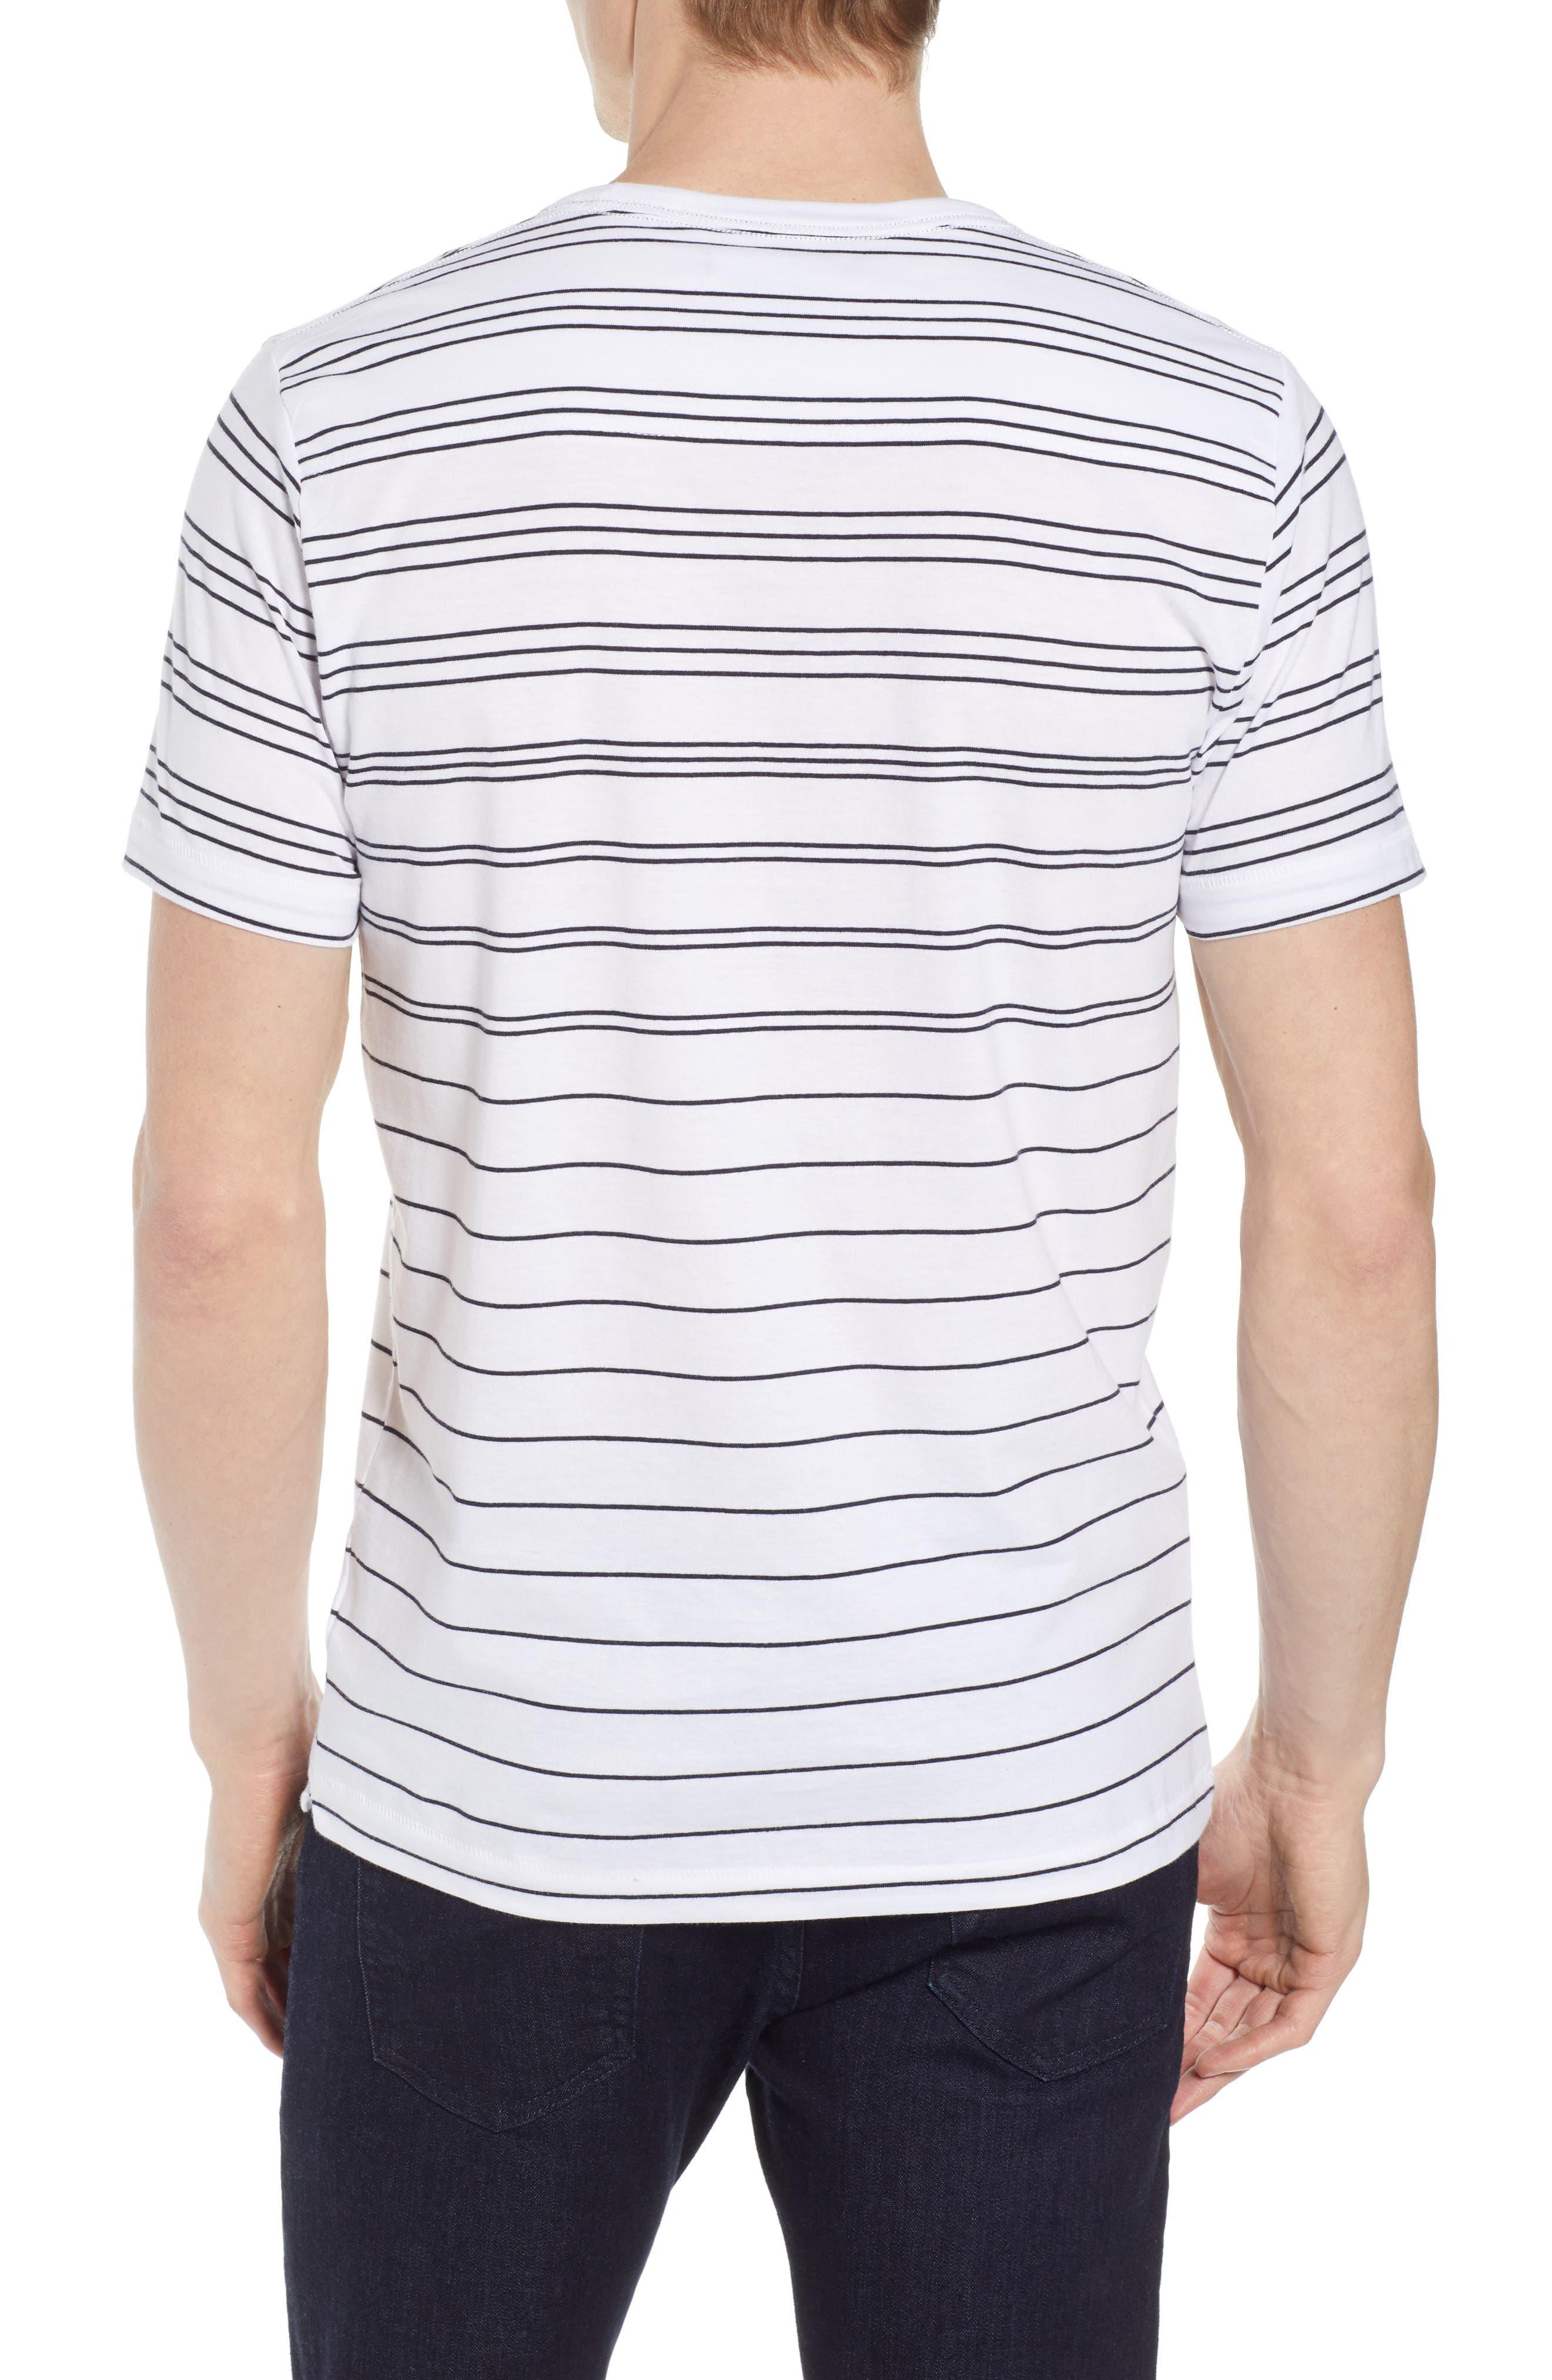 Summer Graded Stripe Pocket T-Shirt,                             Alternate thumbnail 2, color,                             WHITE MARINE BLUE